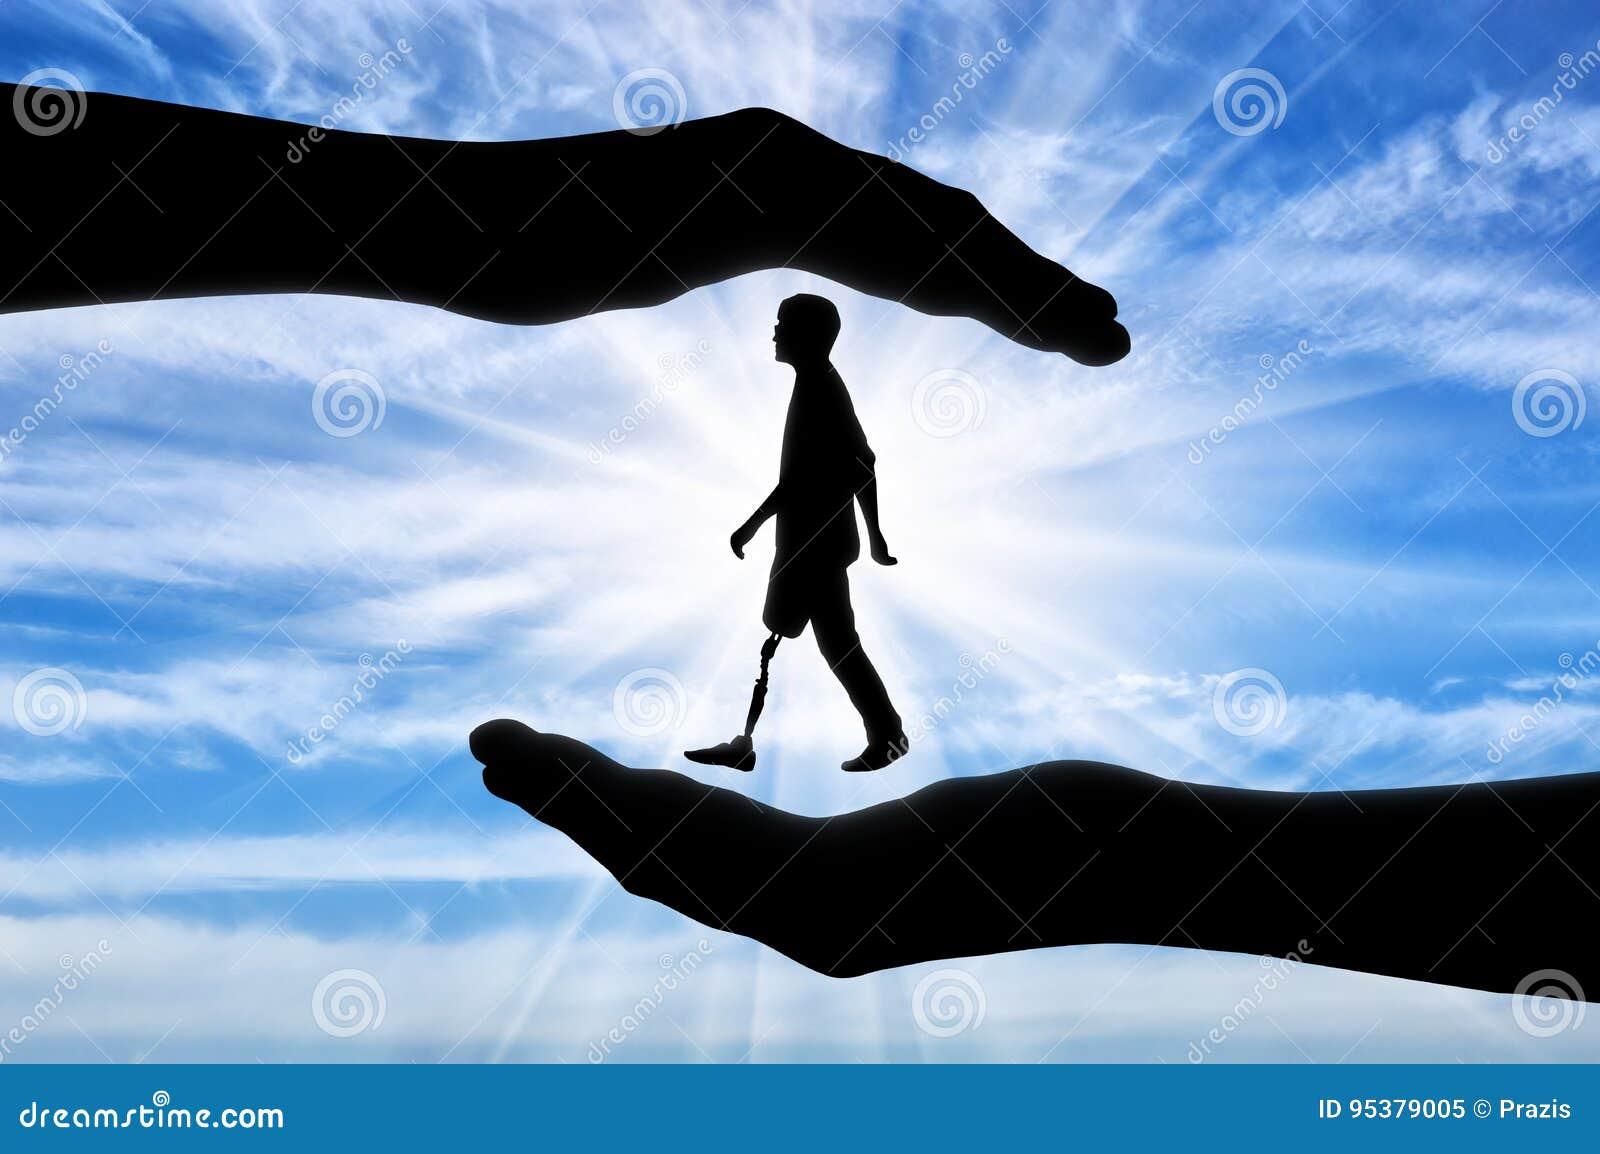 Έννοια της ενίσχυσης και της προσοχής για τα άτομα με ειδικές ανάγκες